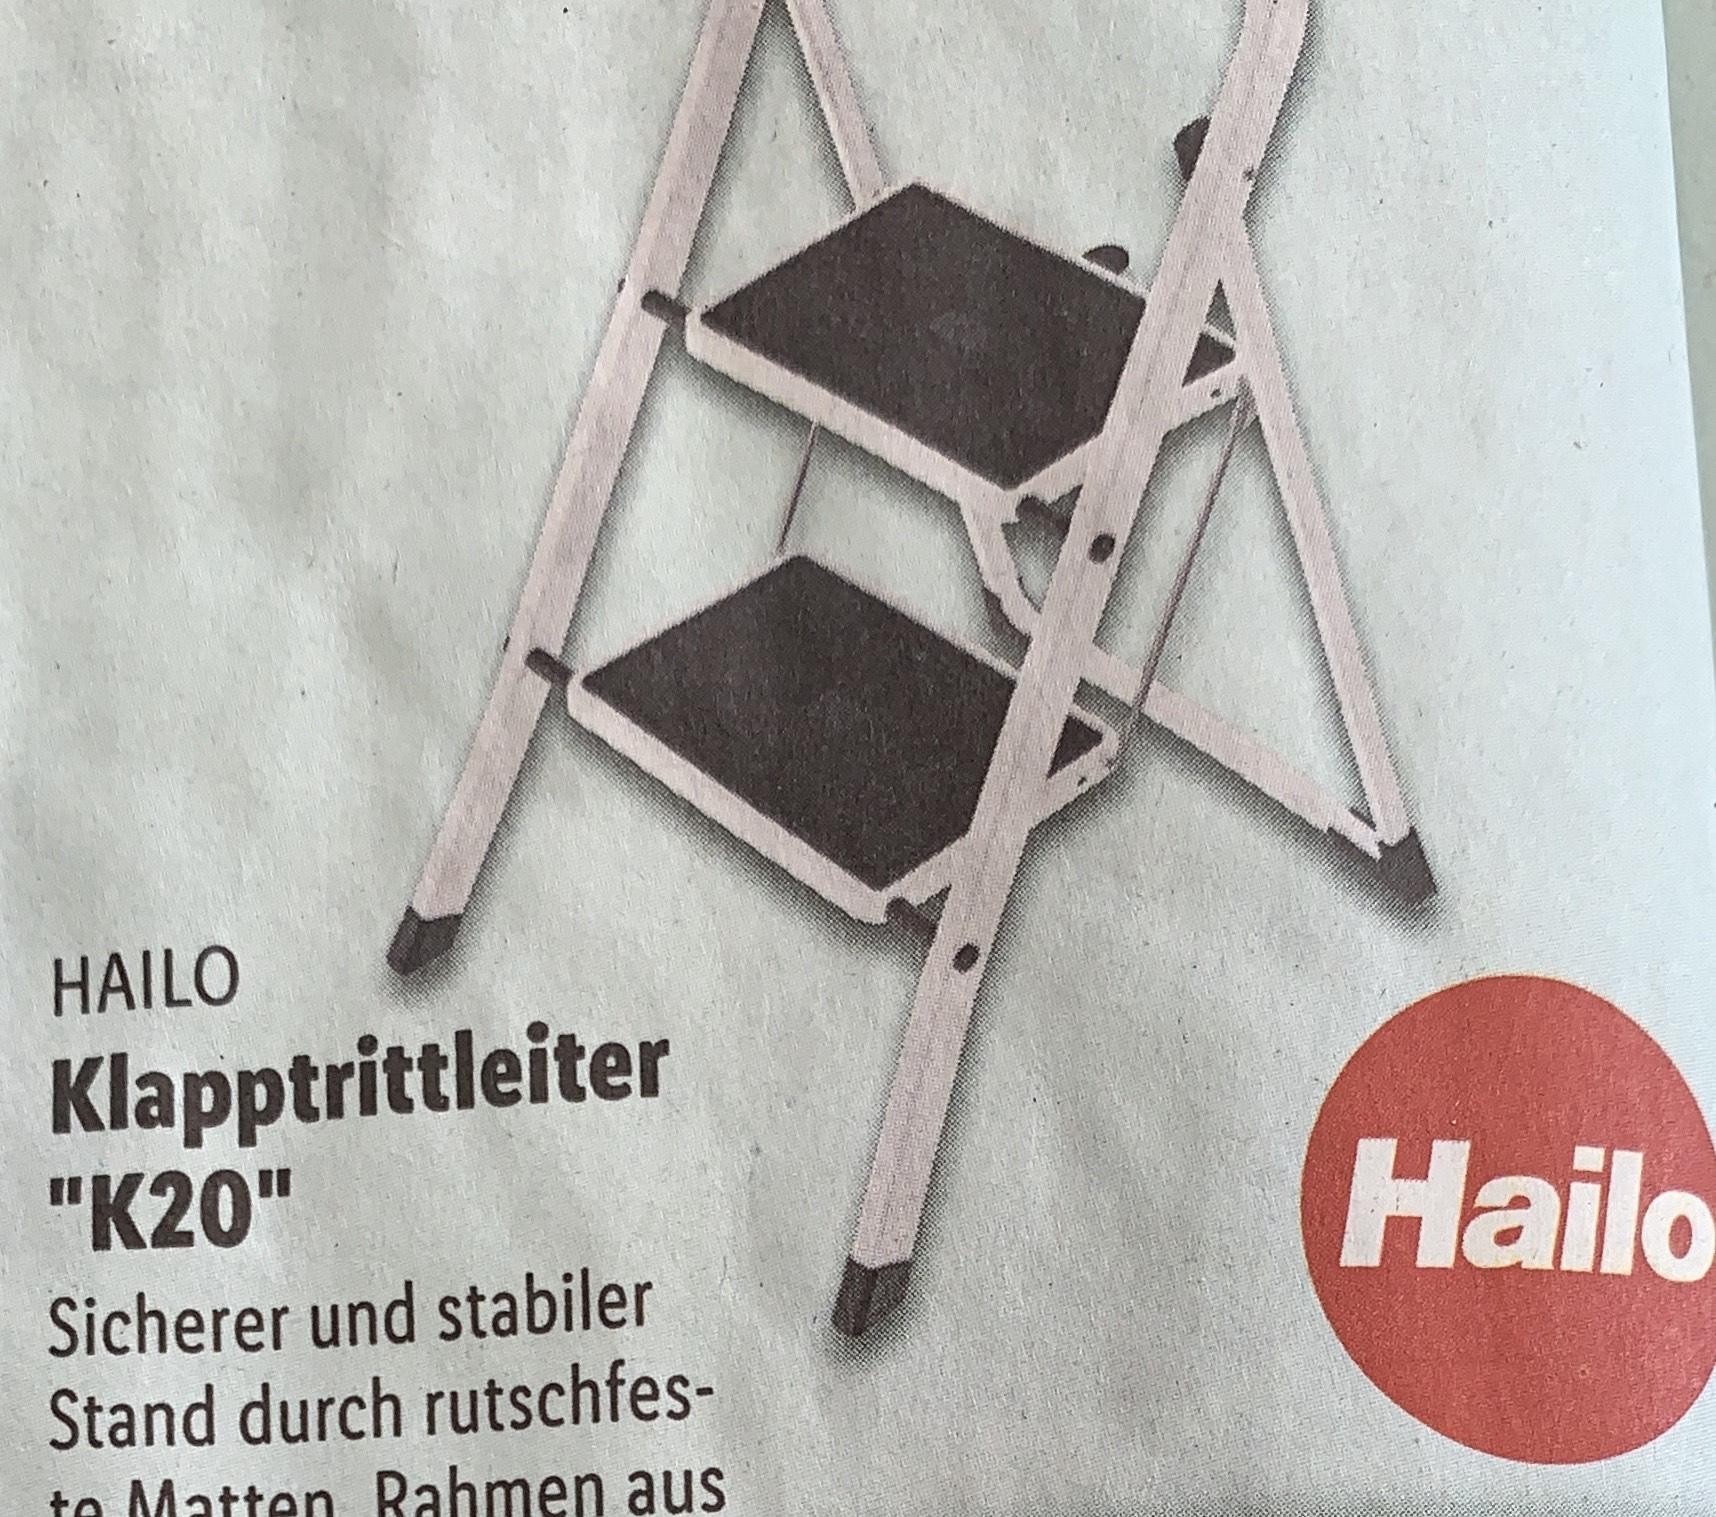 Hailo Klapptritt k20 Leiter- Lidl